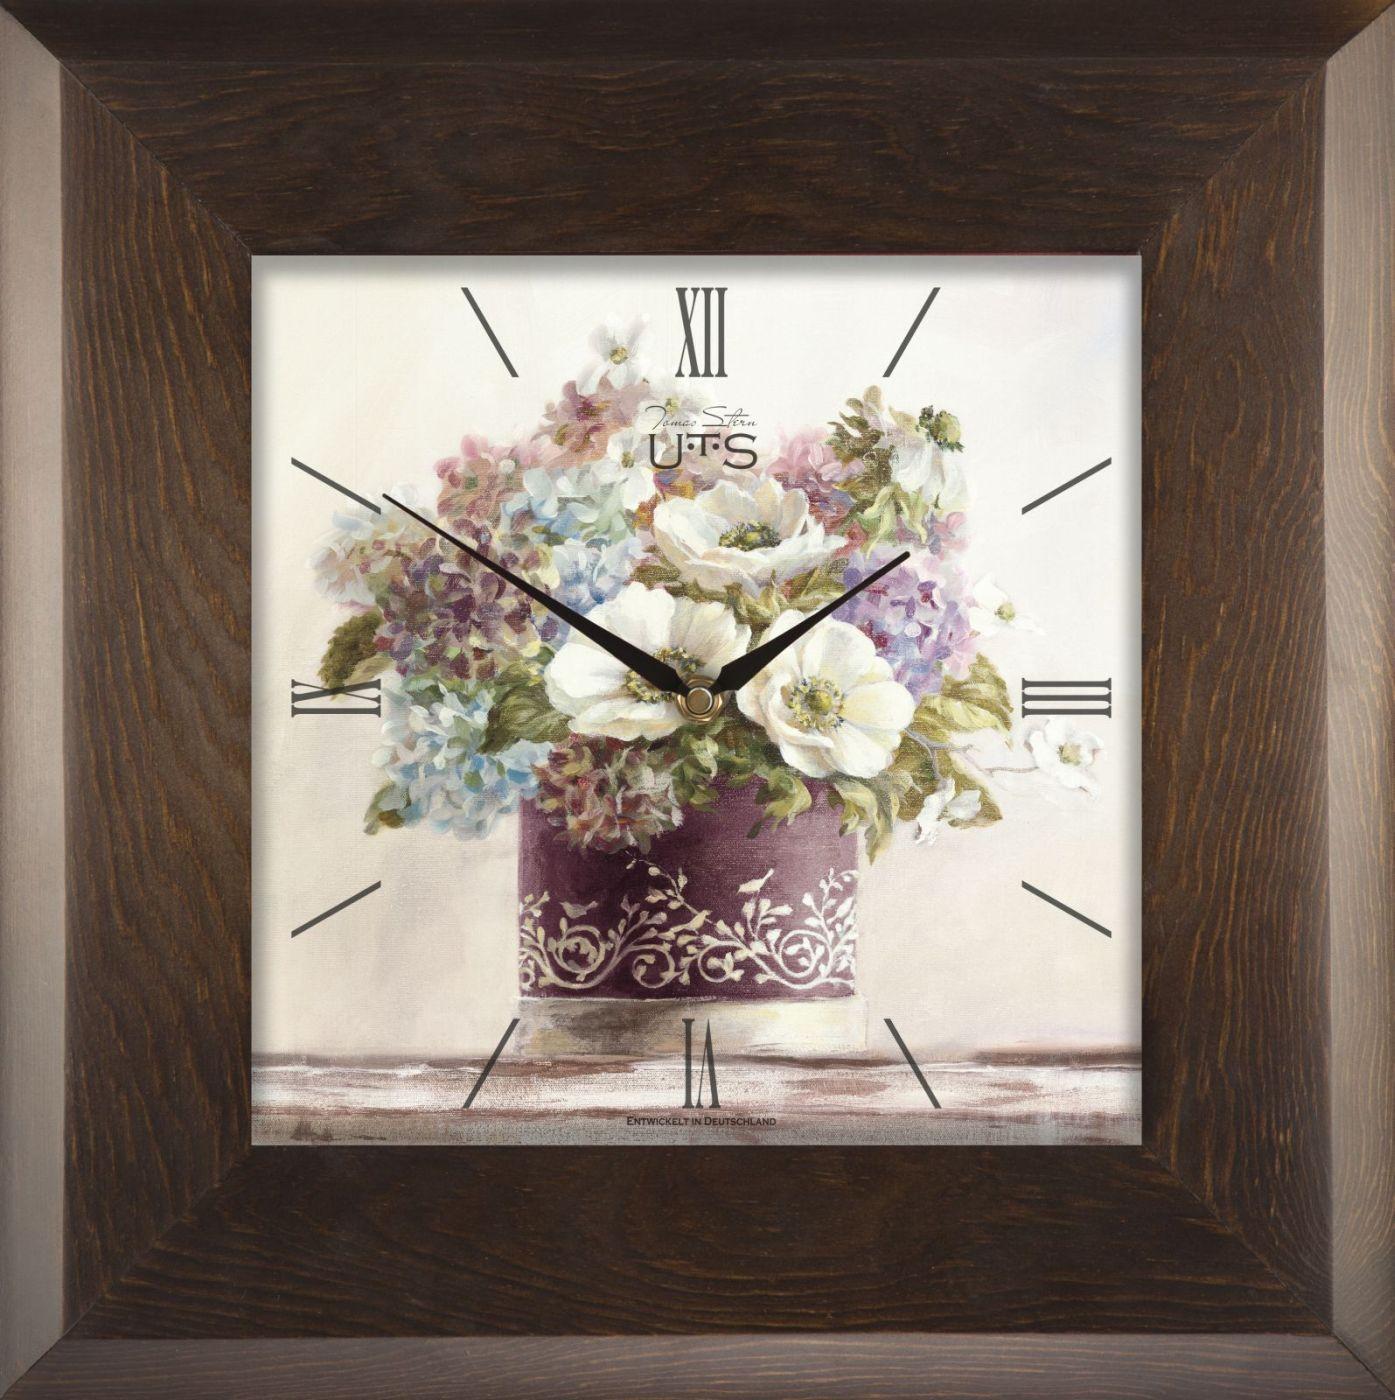 Часы настенные Часы настенные Tomas Stern 7002D chasy-nastennye-tomas-stern-7001d-germaniya-tayvan.jpg